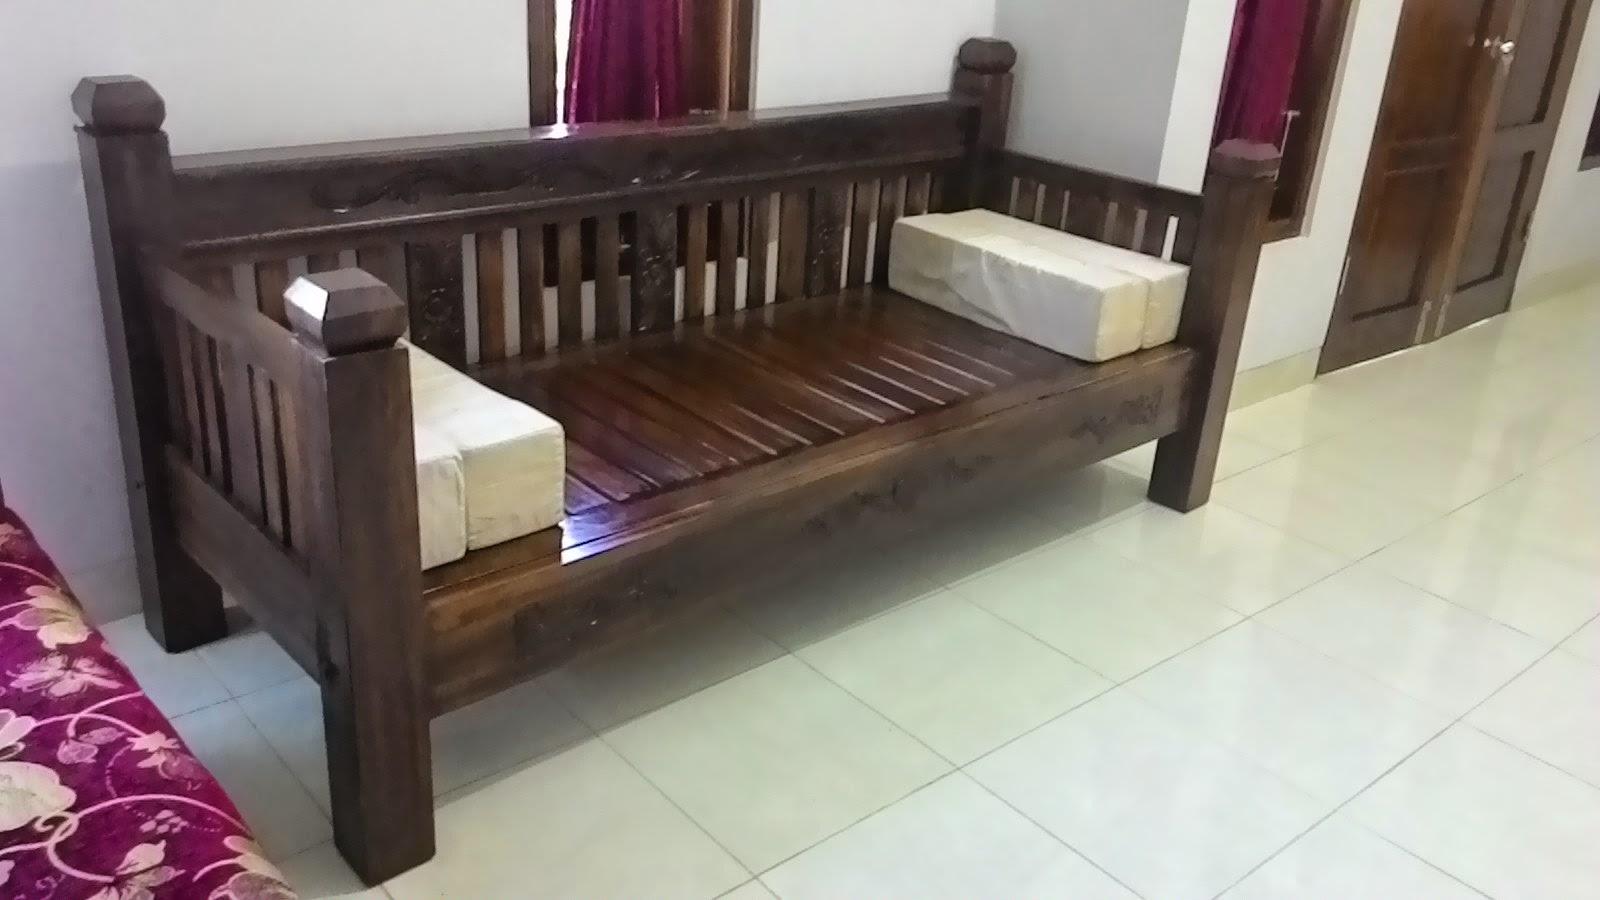 Jual Furniture Murah Di Jogja Supplier Mebel Jogja